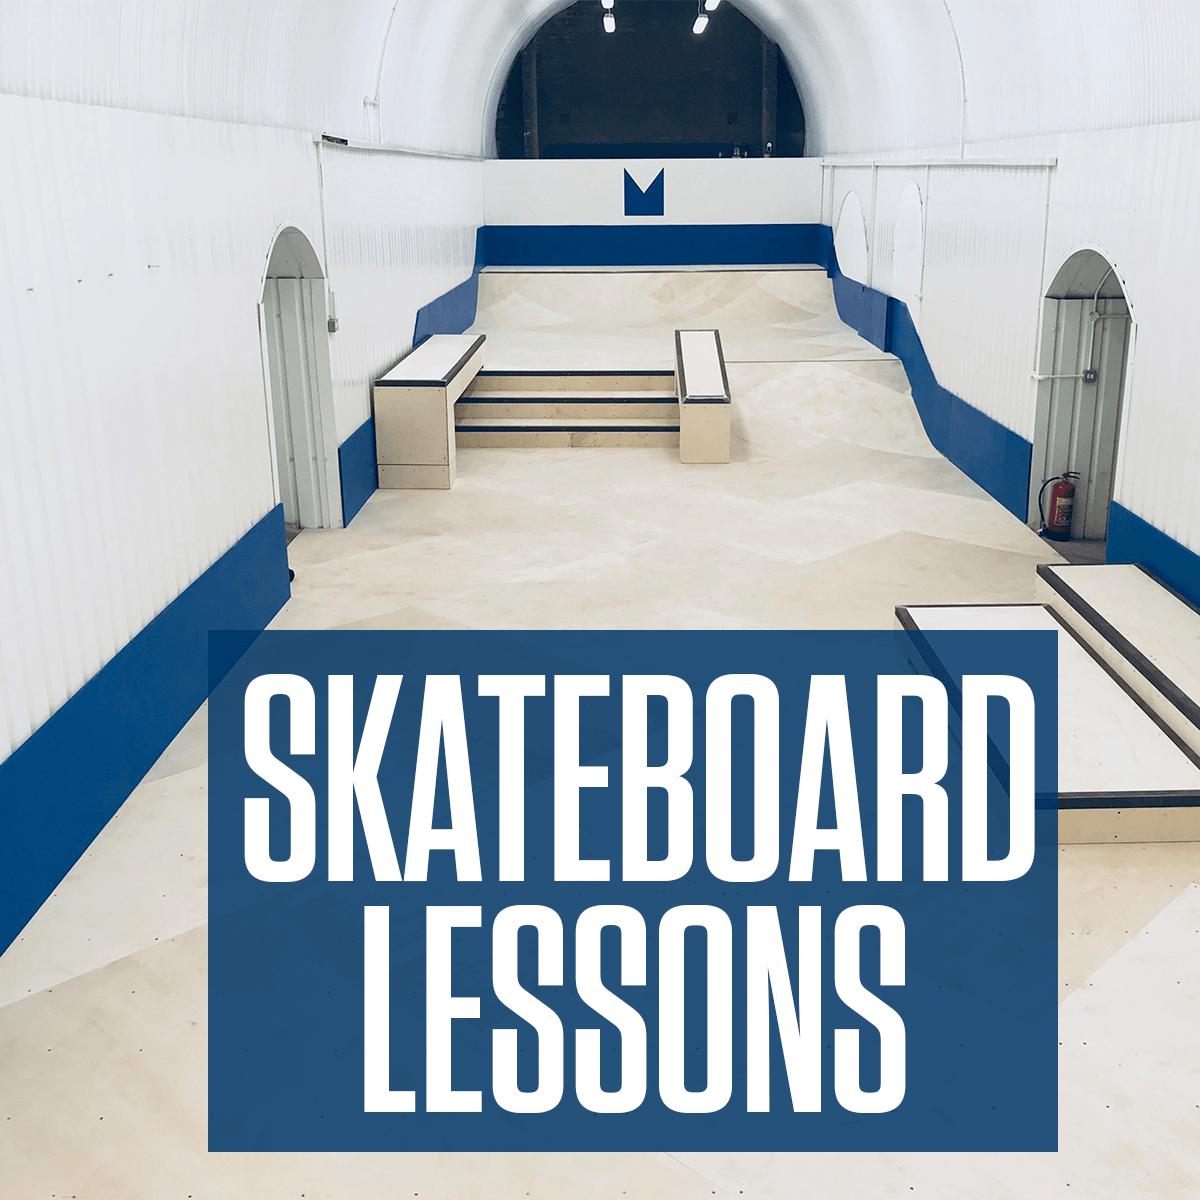 Skateboard Lessons, London Skatepark.